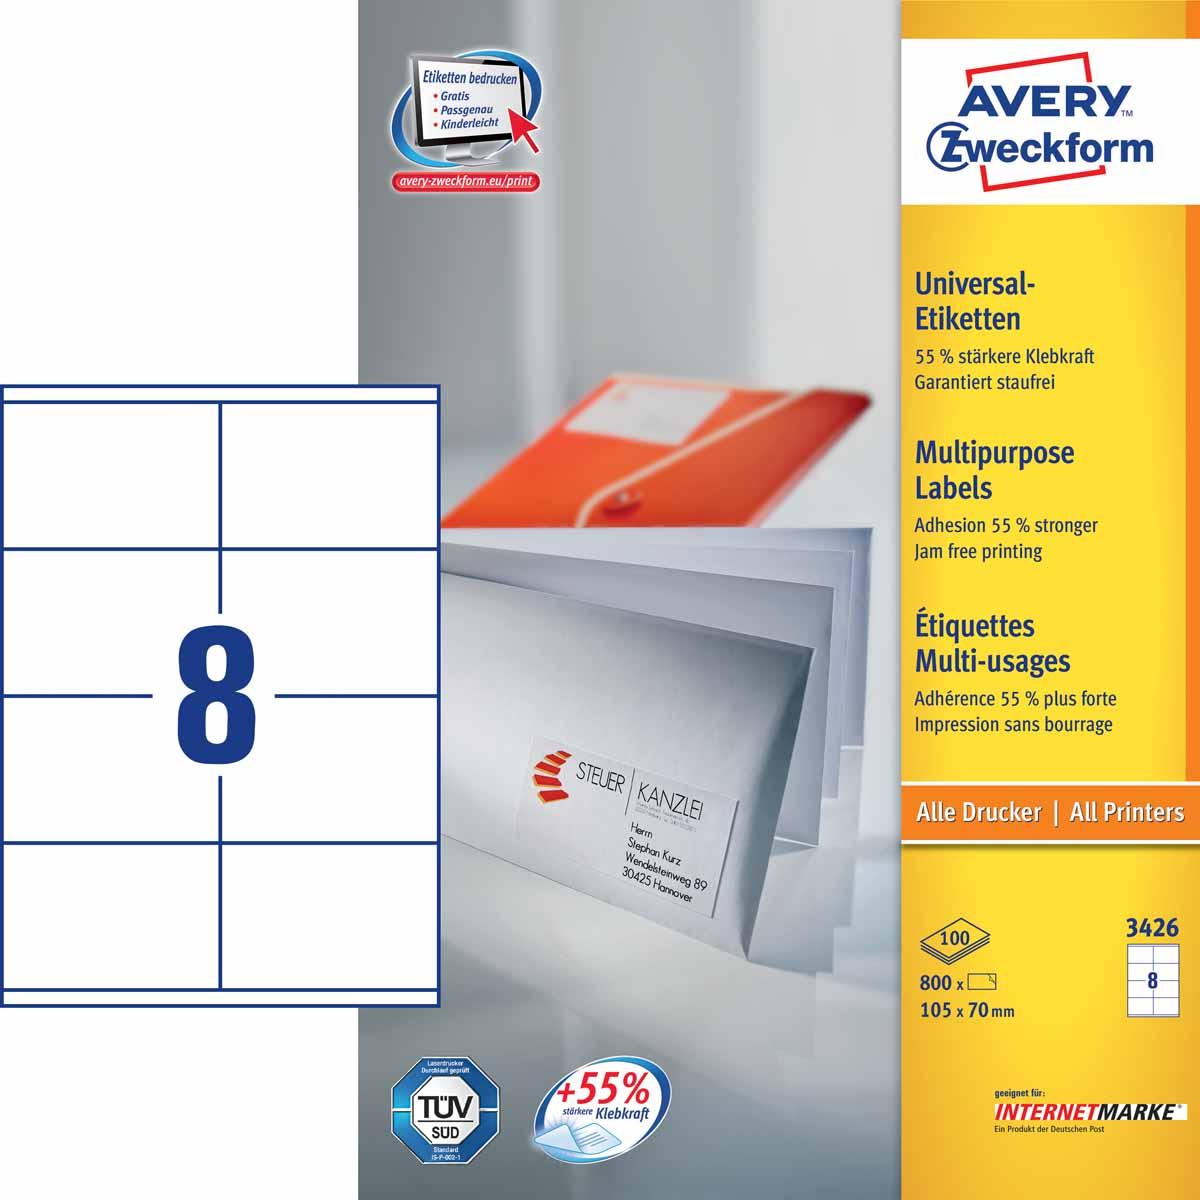 Avery Zweckform Этикетки самоклеящиеся универсальные 105 х 70 мм 800 шт 100 листов